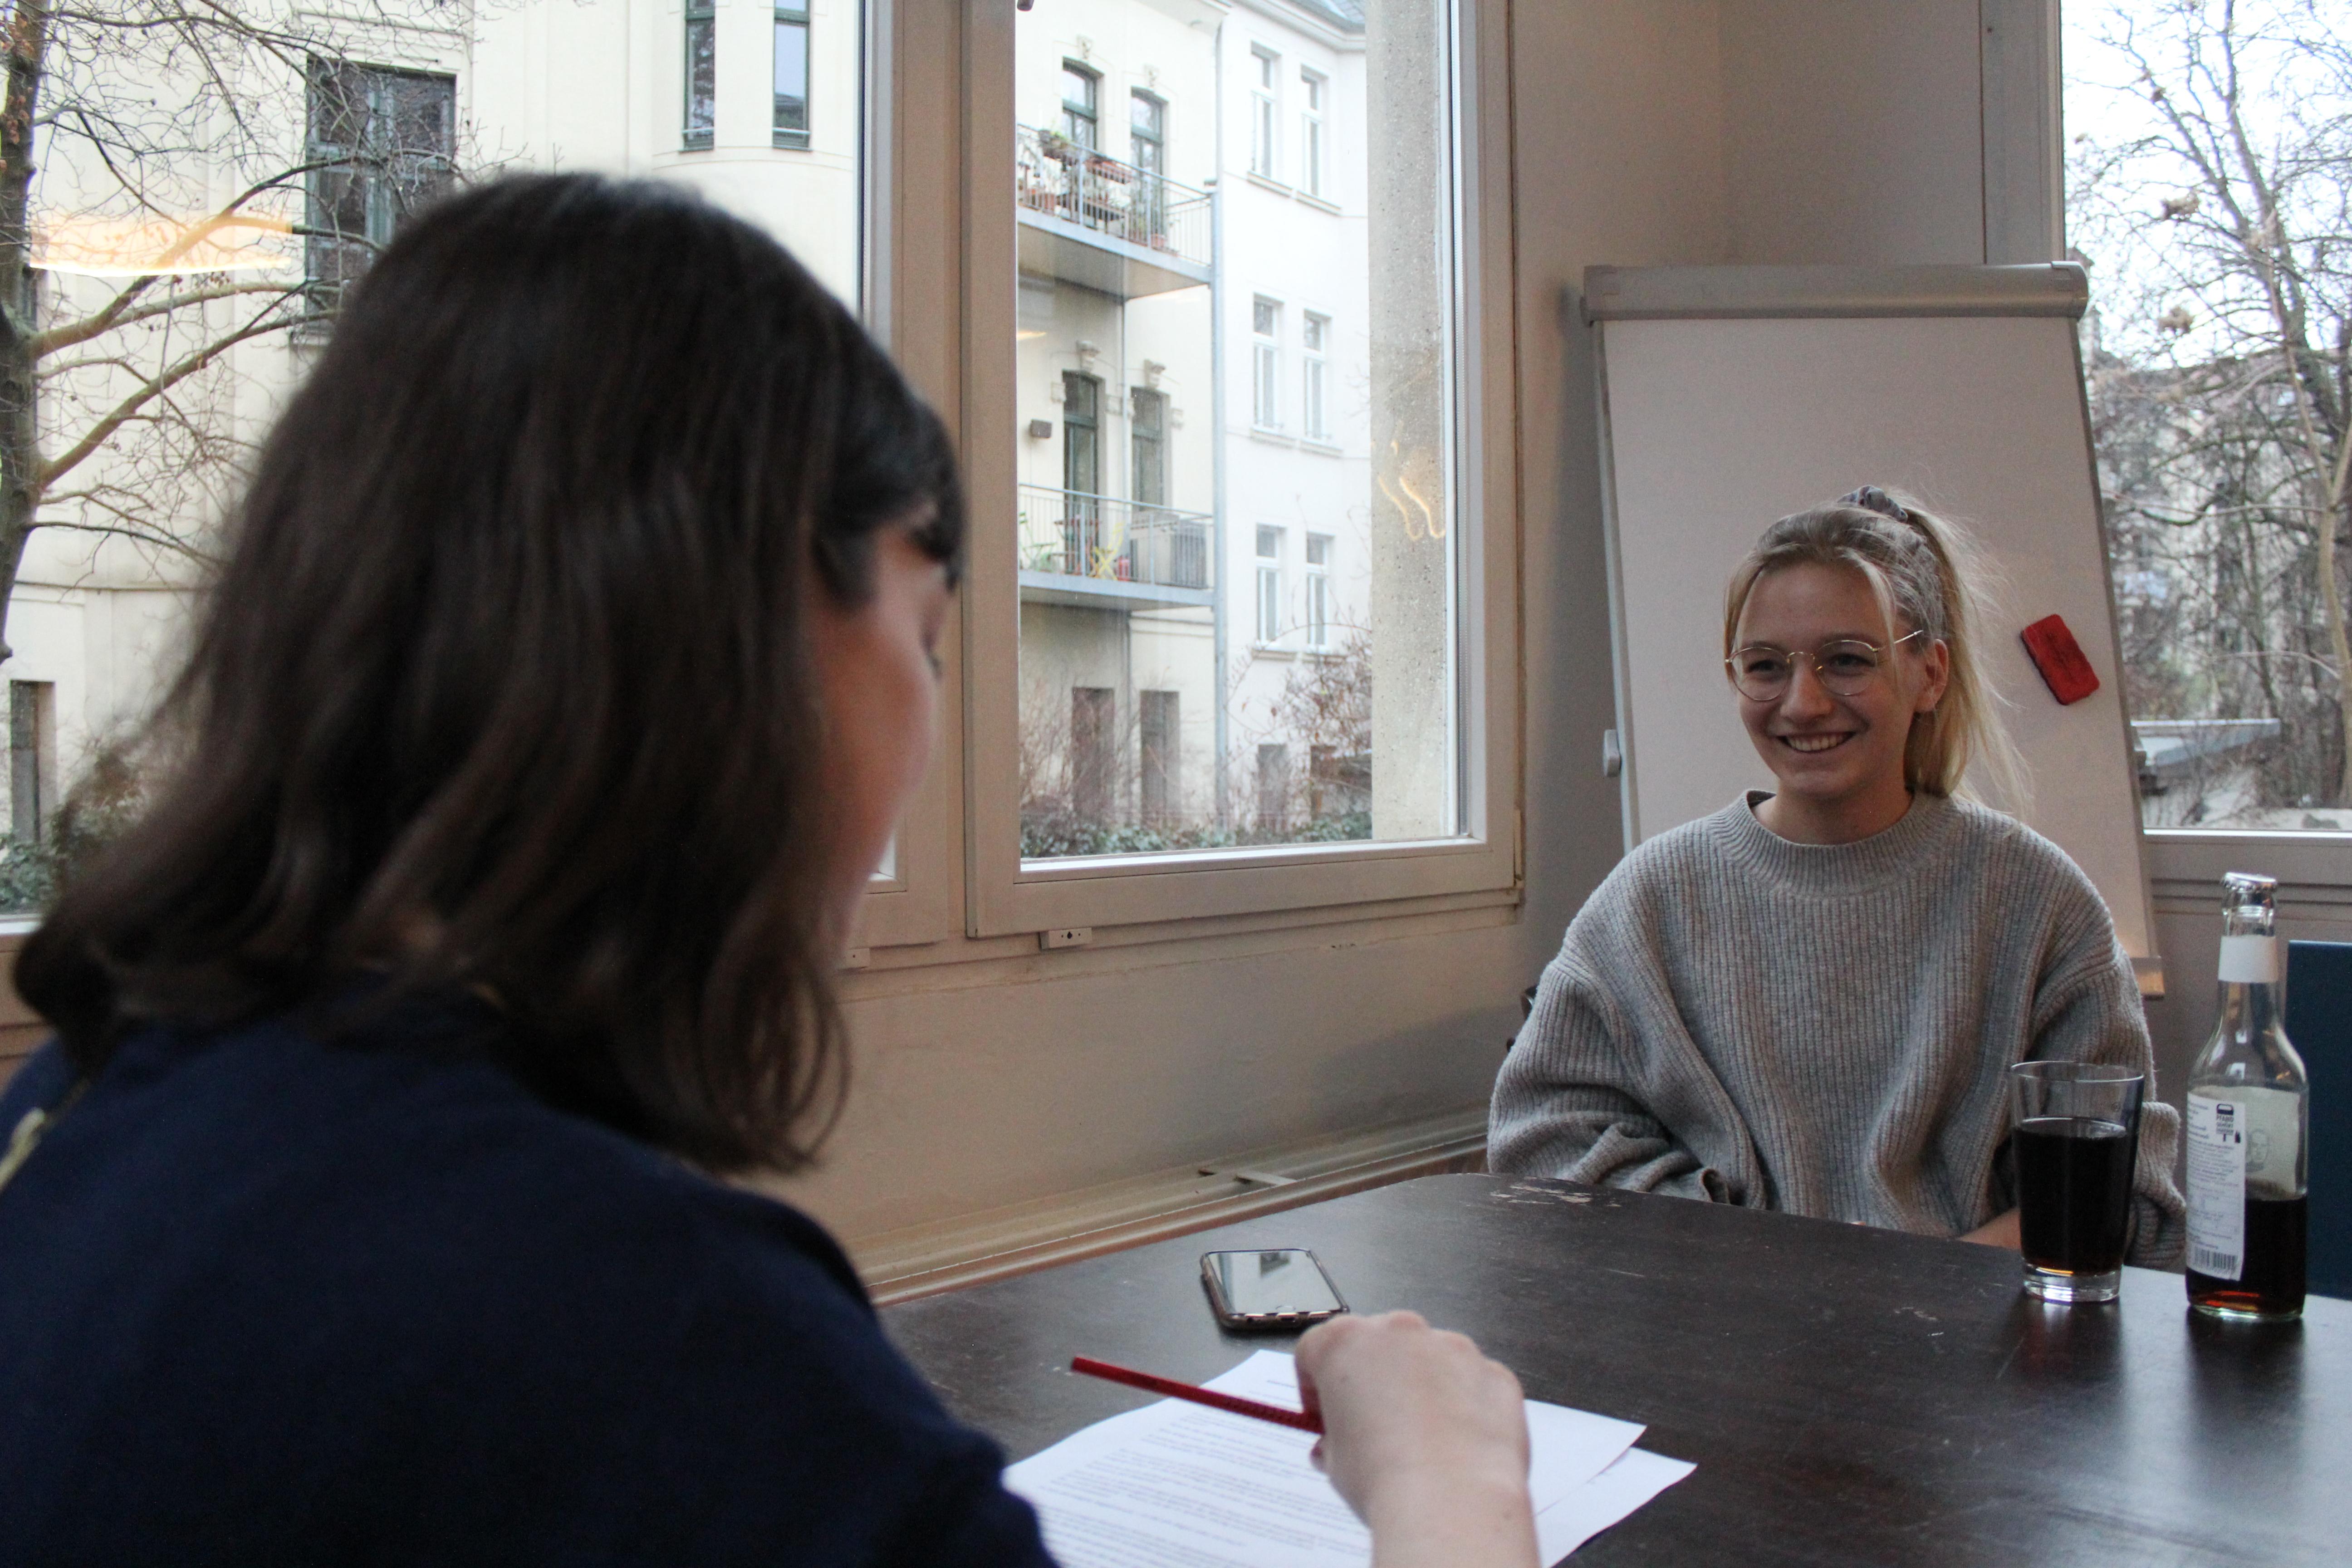 Das Bild zeigt zwei Frauen in einer Interview-Situation an einem Tisch. Auf der einen Seite sitzt Lucie Hammecke, grinsend. Auf der anderen Seite sitzt luhze-Redakteurin Sophie Goldau mit einem Stift und den ausgedruckten Interviewfragen auf dem Tisch.